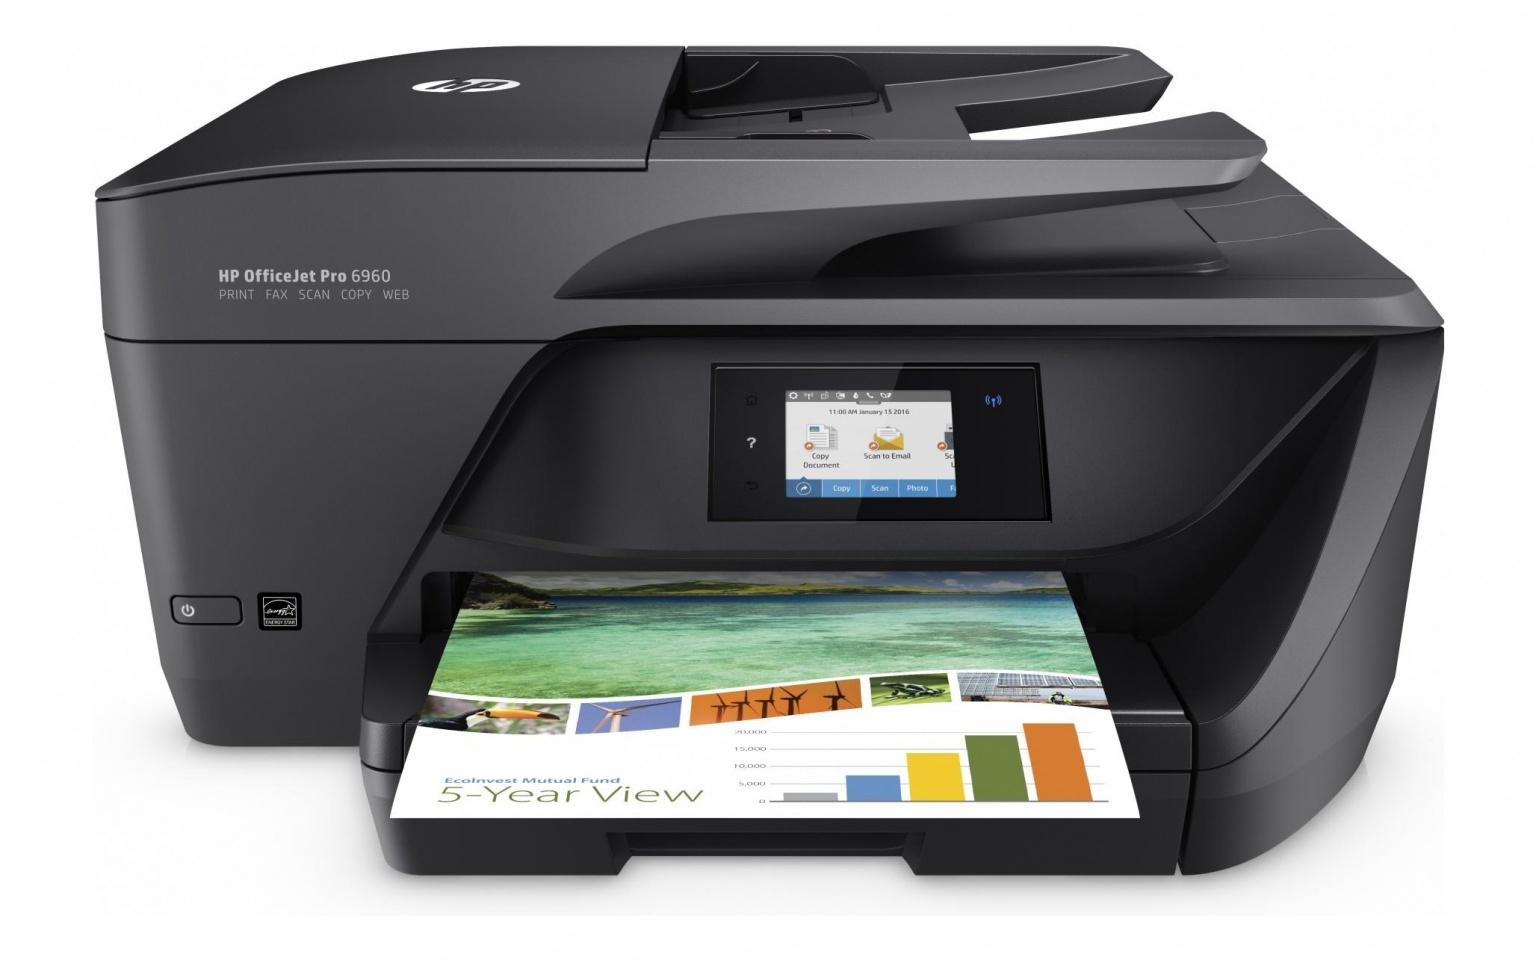 [Media Markt lokal Rosenheim] HP Officejet Pro 6950 E-Aio am 30.10. für 89 € und Netgear WLAN-MODEM-ROUTER D 6200B für 25 €